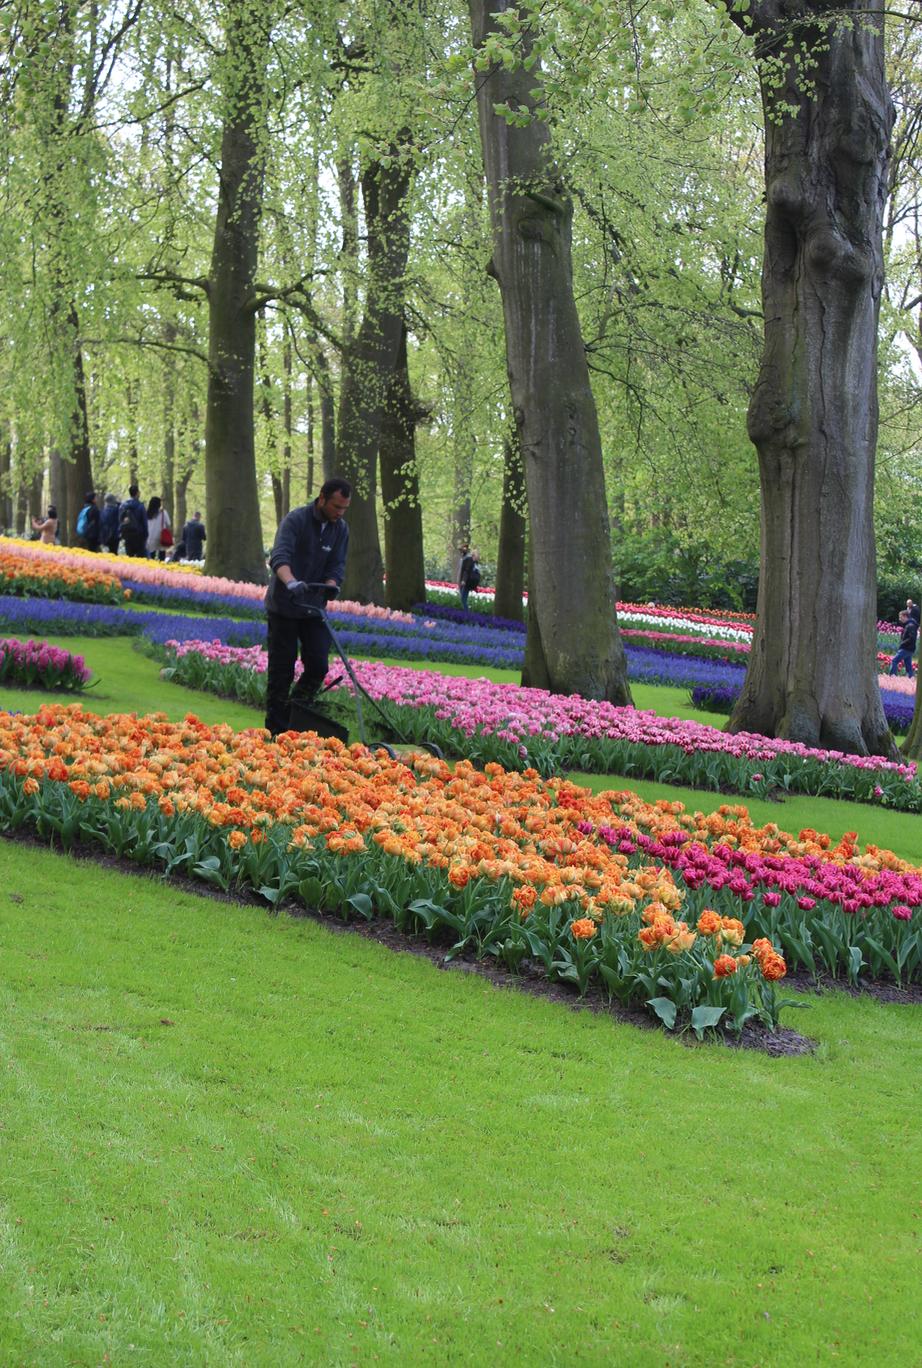 40 tuinmannen onderhouden permanent de bloemen, planten en het gras.